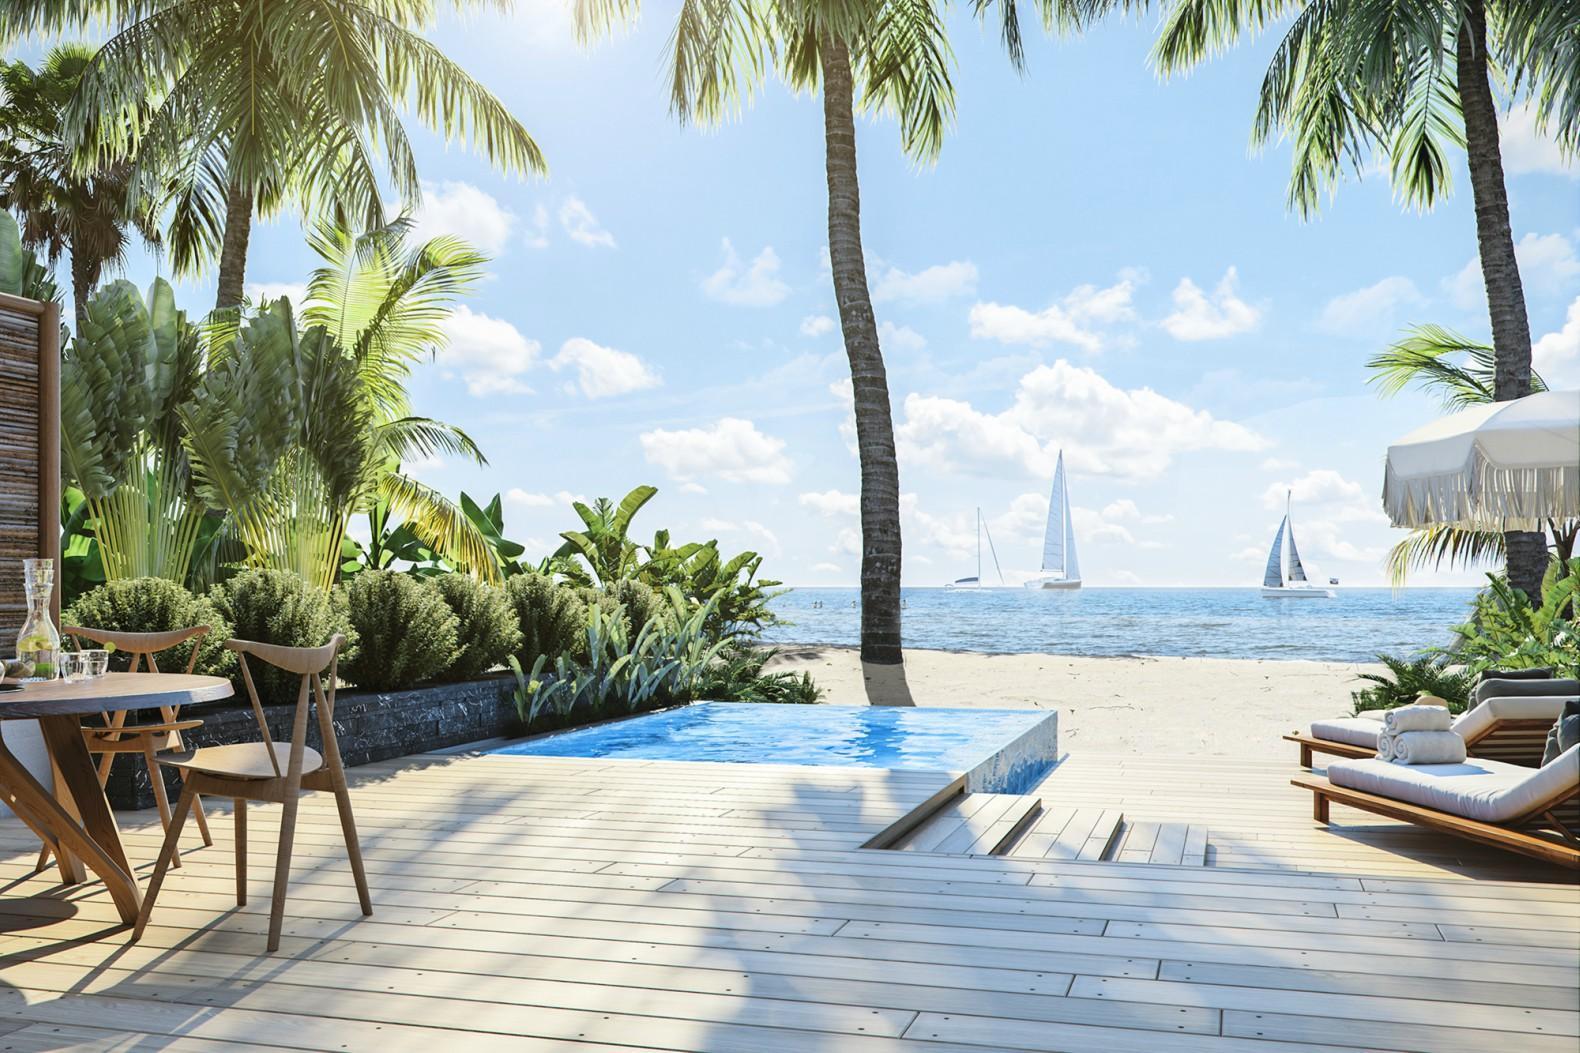 Itz'ana-Resort9-1513291554052.jpg